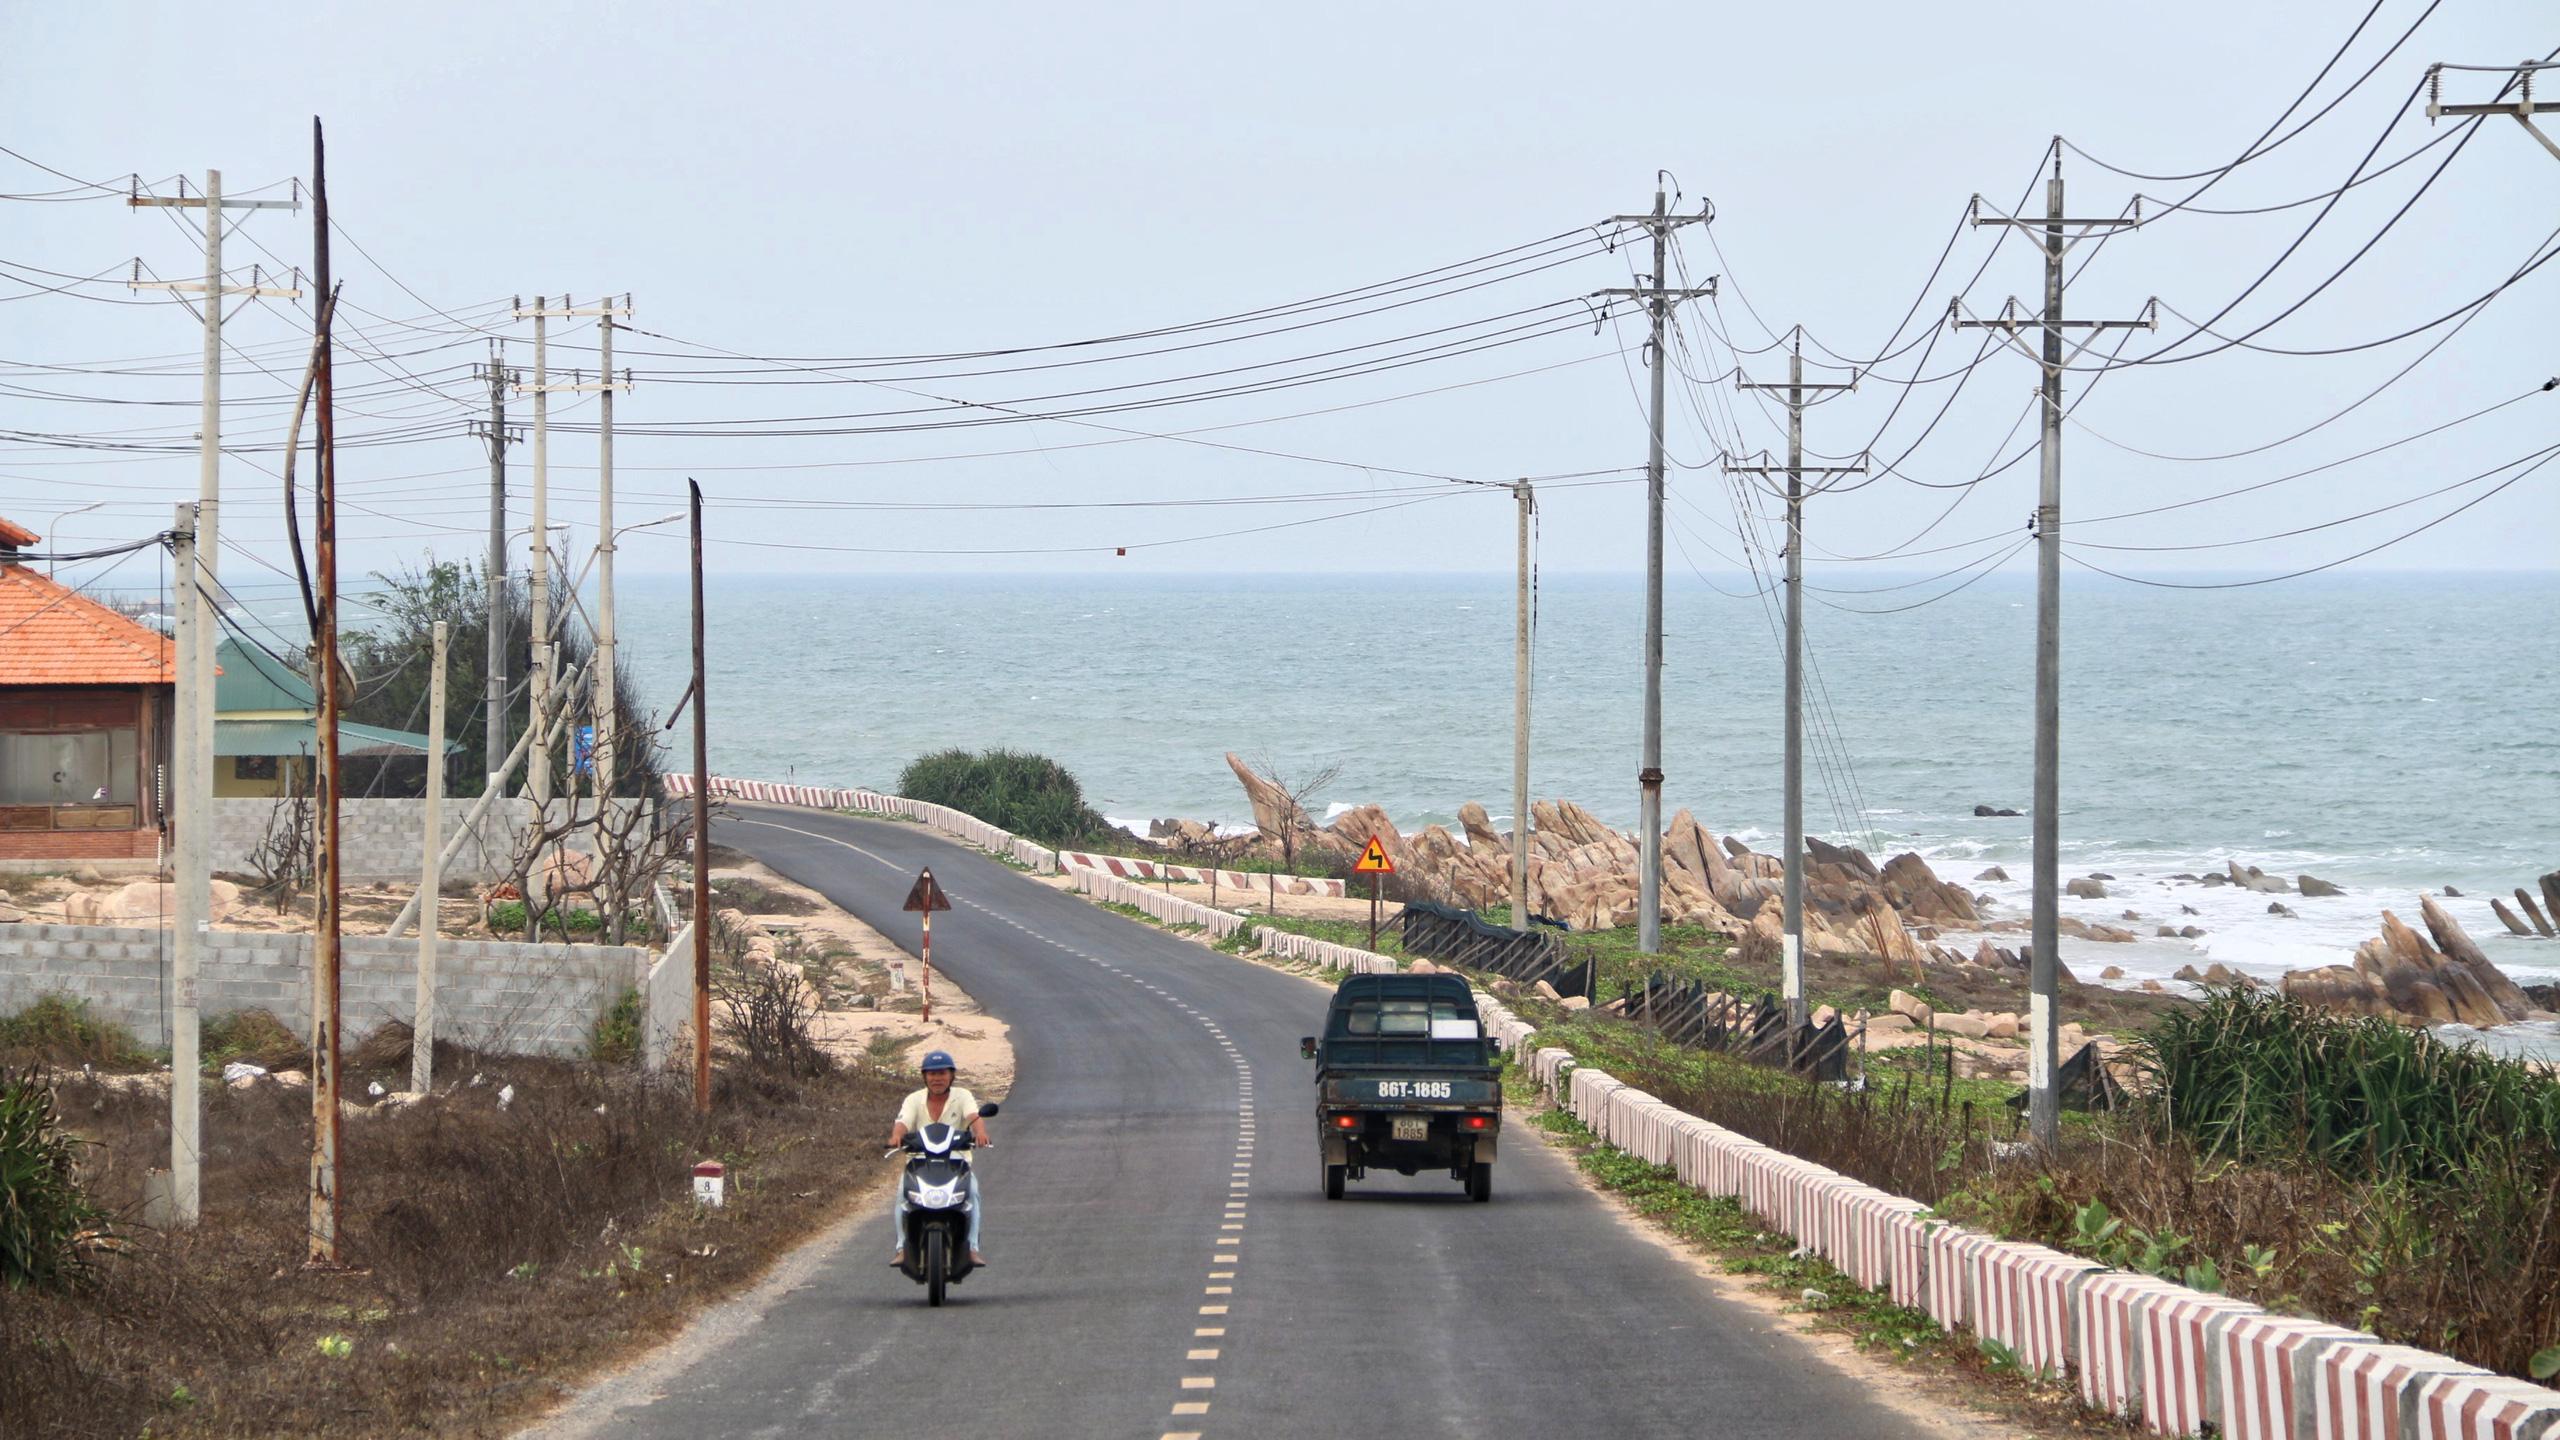 Cận cảnh tuyến đường ven biển ĐT.719 đoạn Phan Thiết - Kê Gà - Ảnh 3.